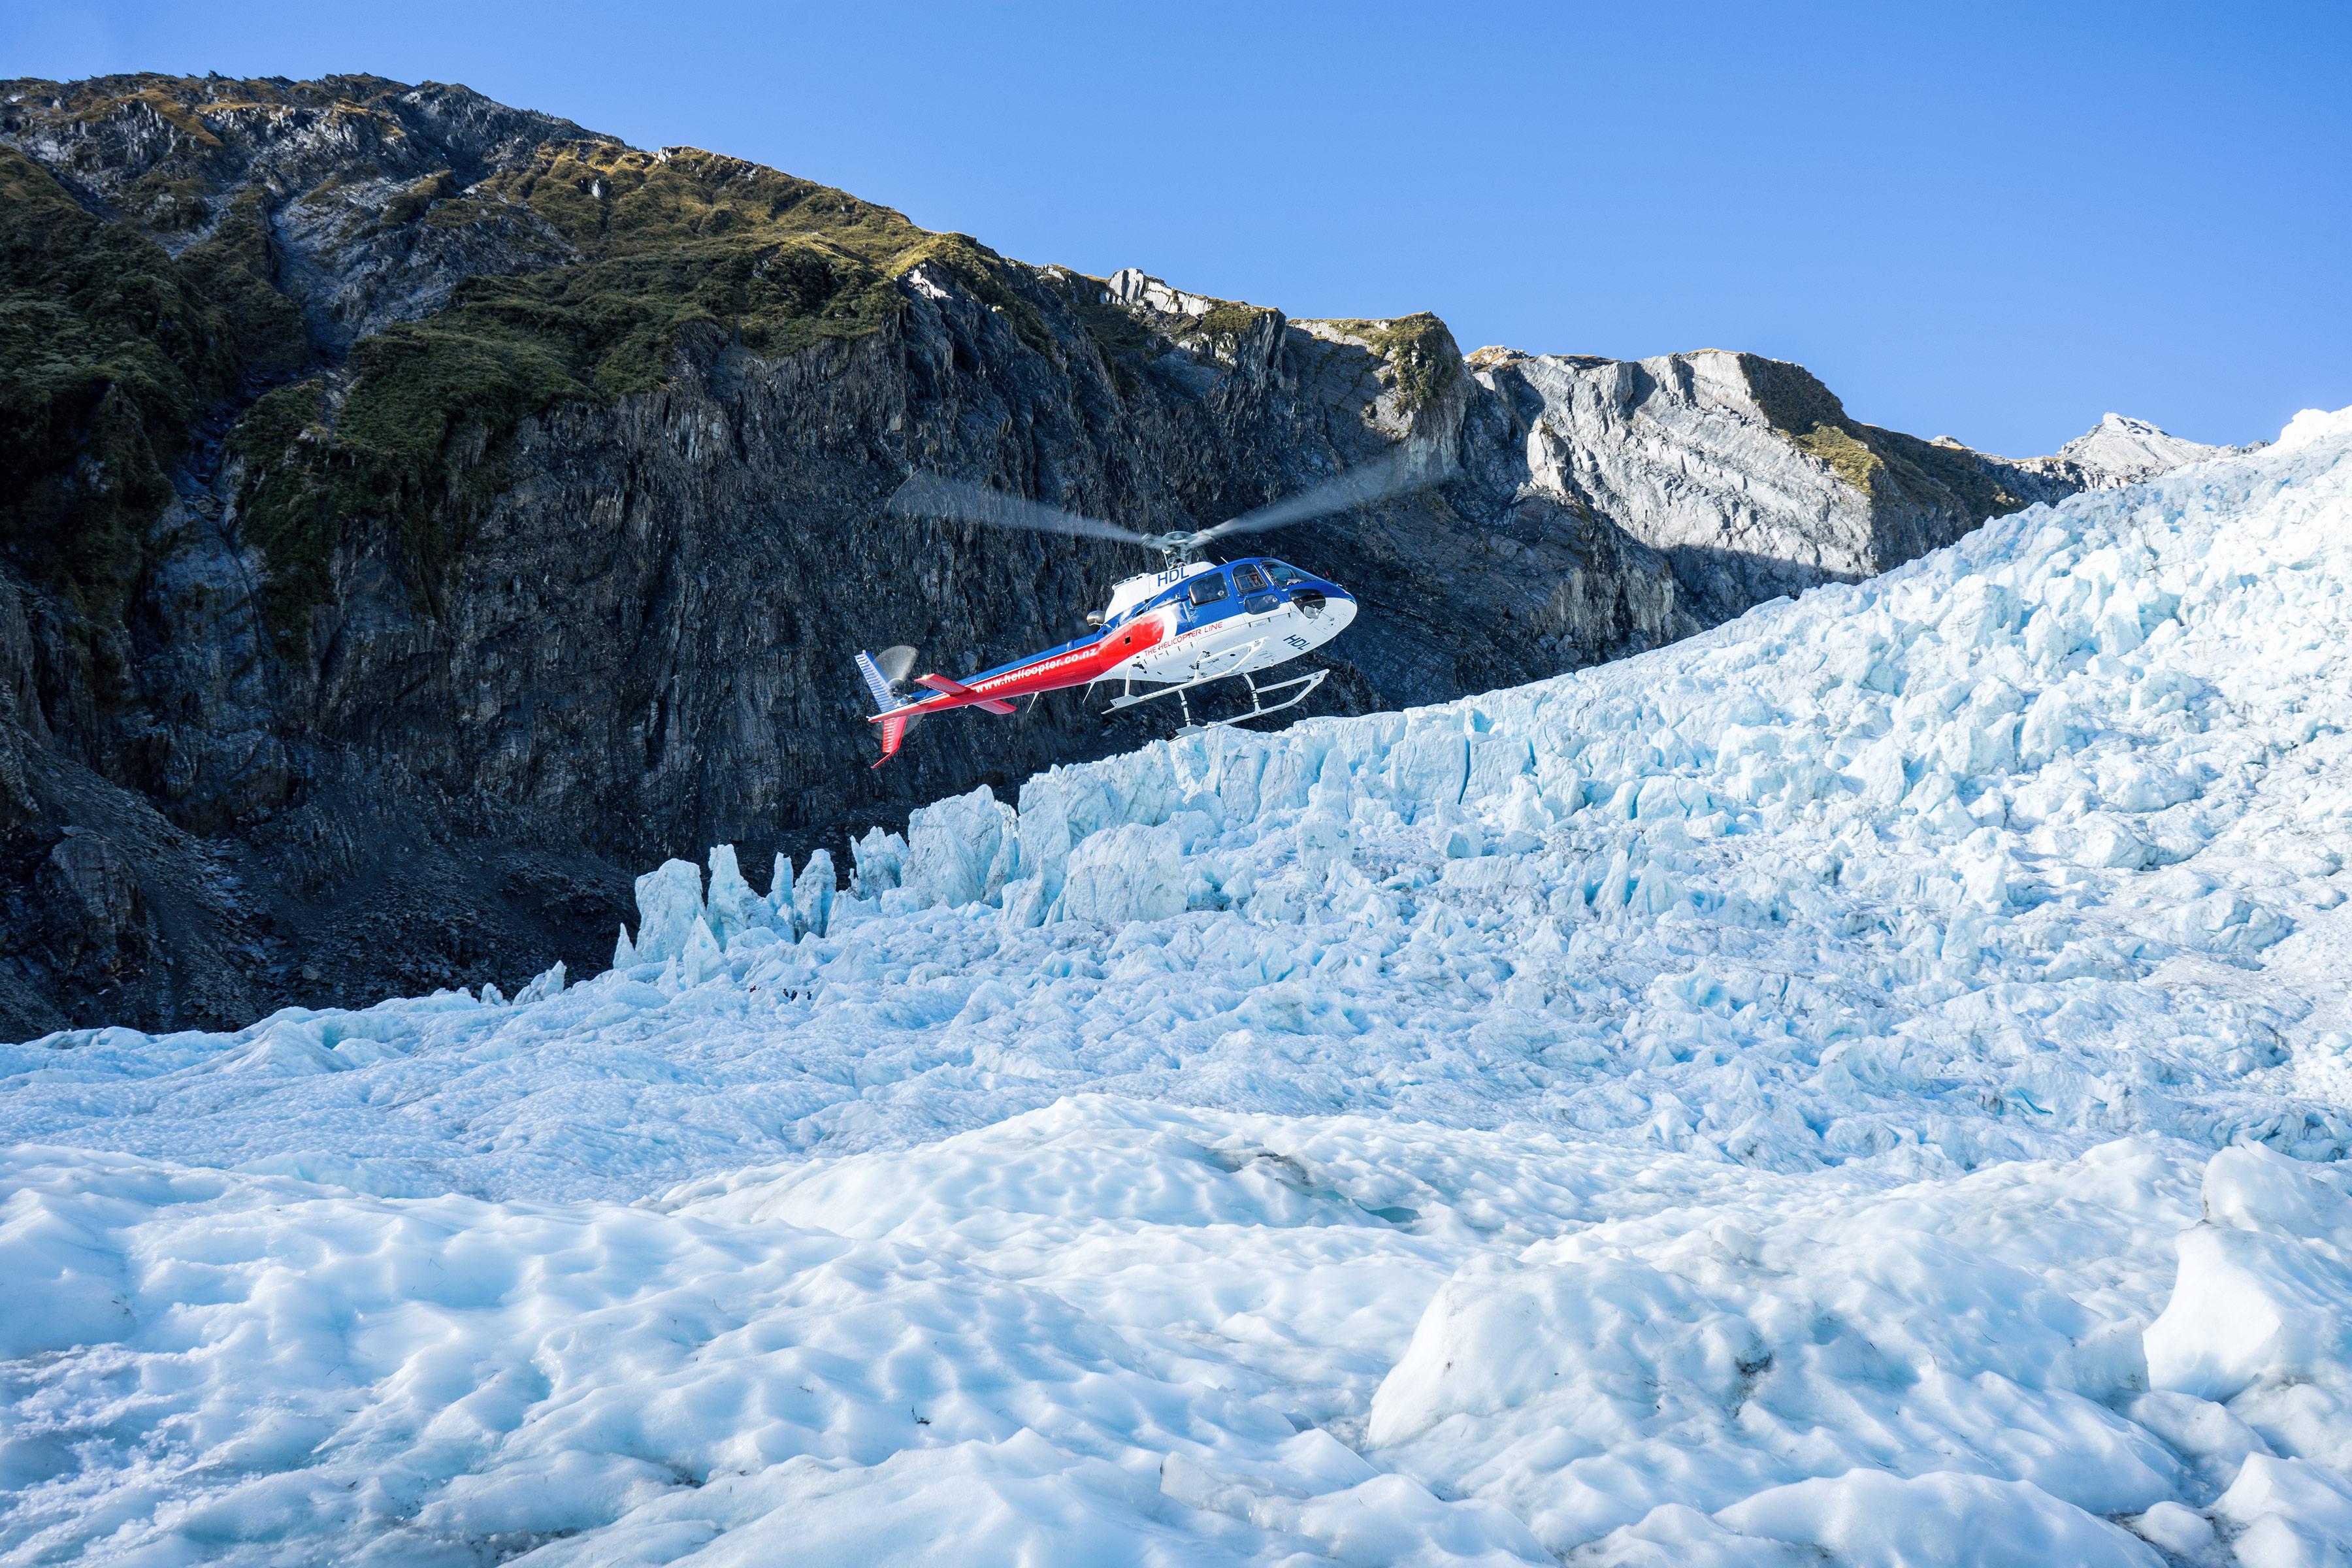 Franz Josef Glacier Heli Hike Helicopter Hovering Over Glacier